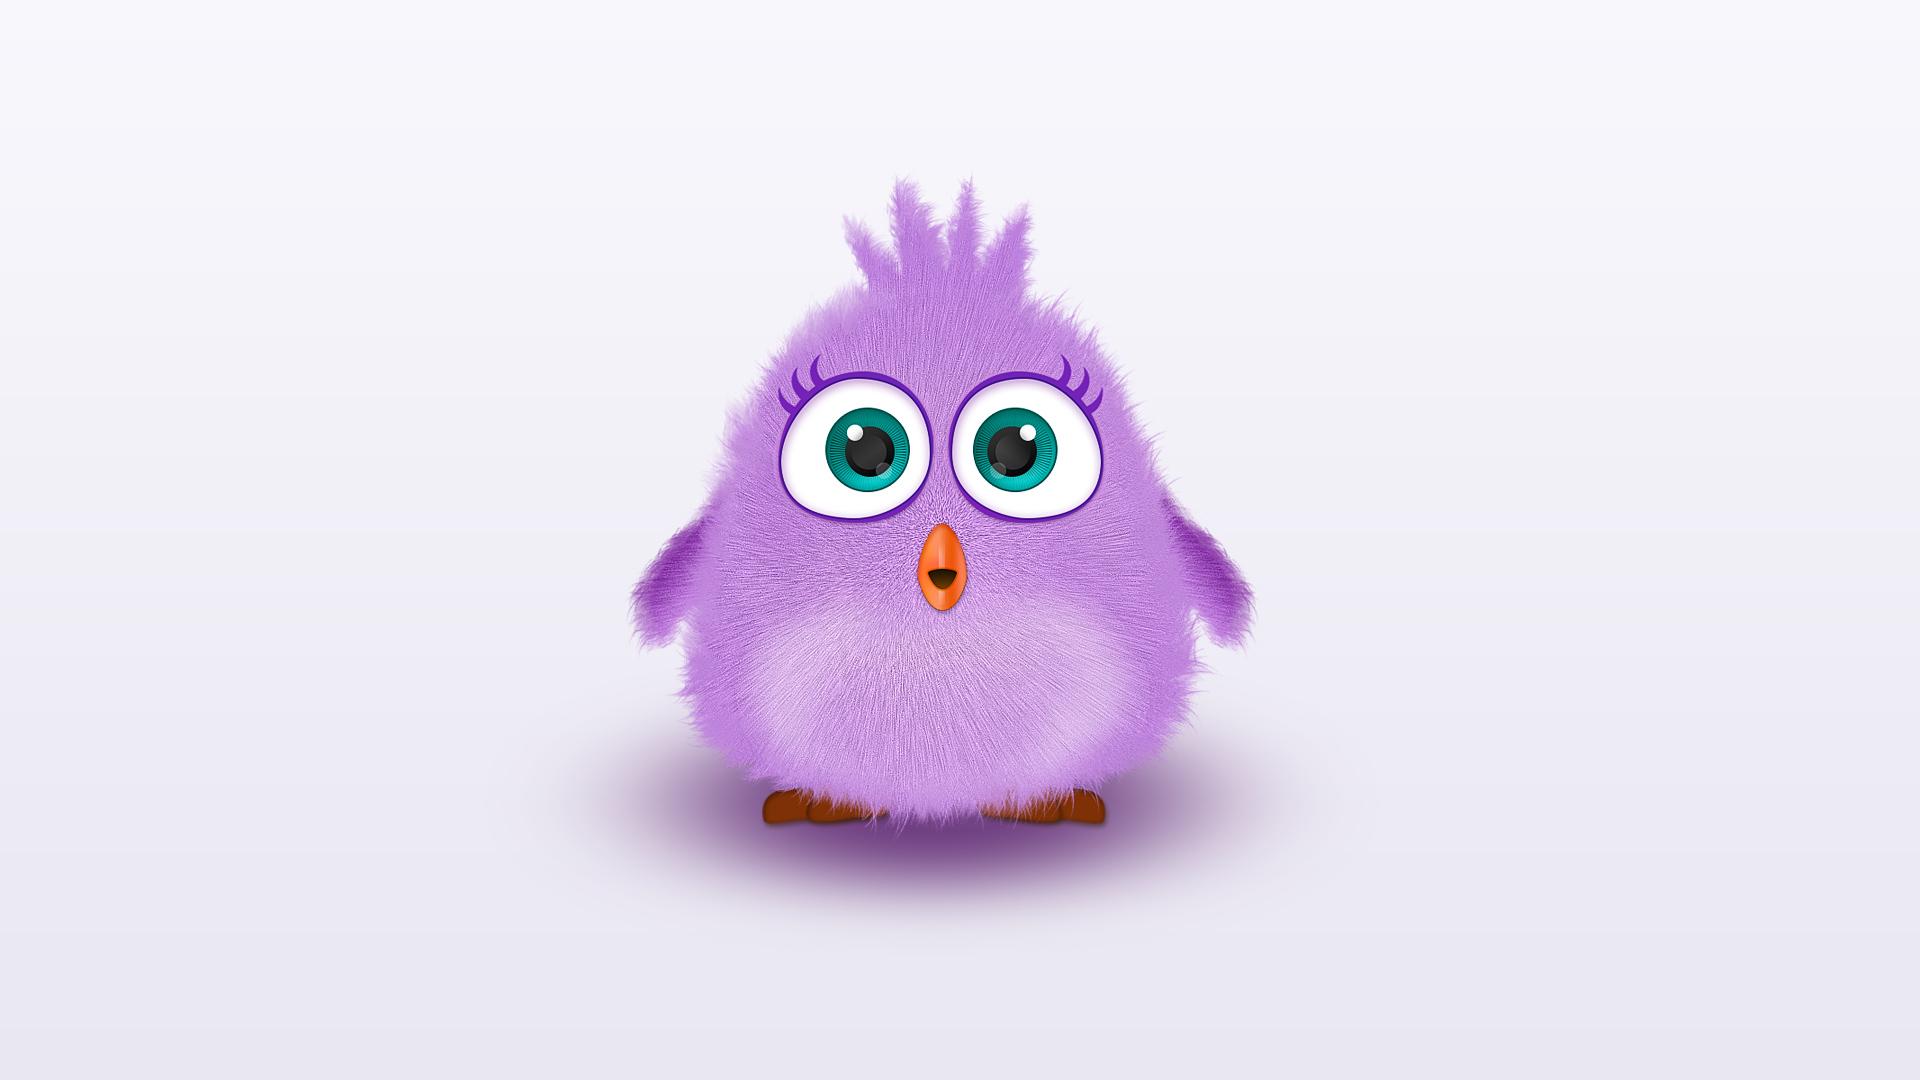 愤怒的小鸟小小练习鸟.jpg